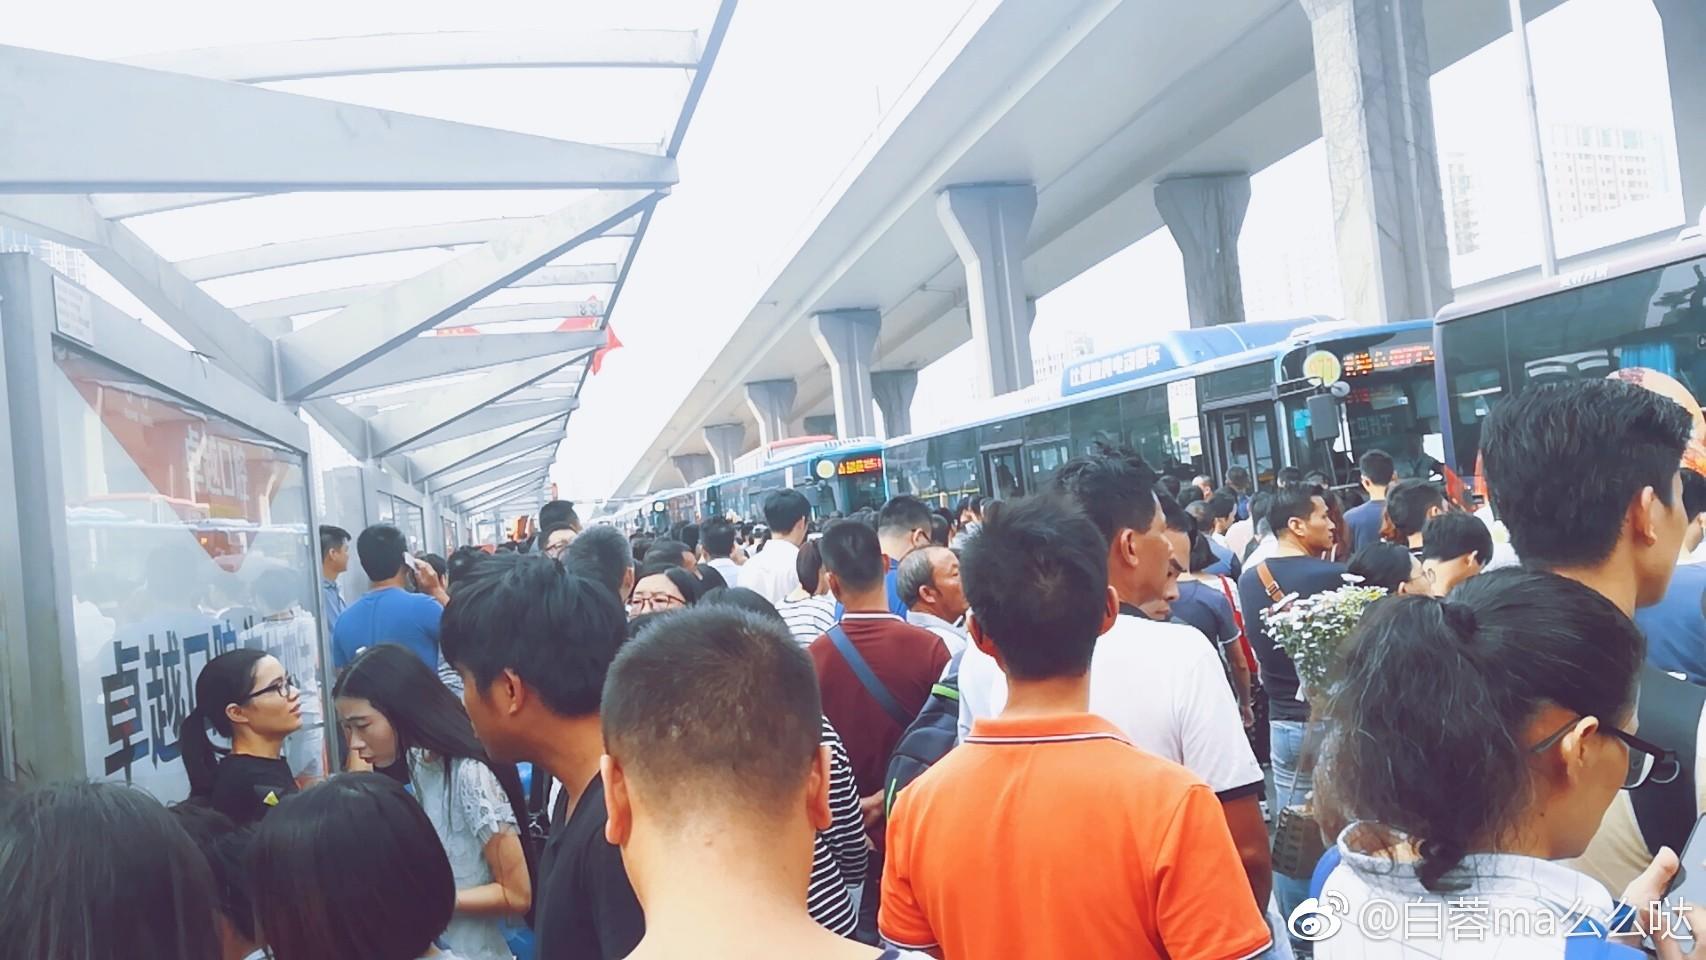 巴士站大排長龍。微博圖片